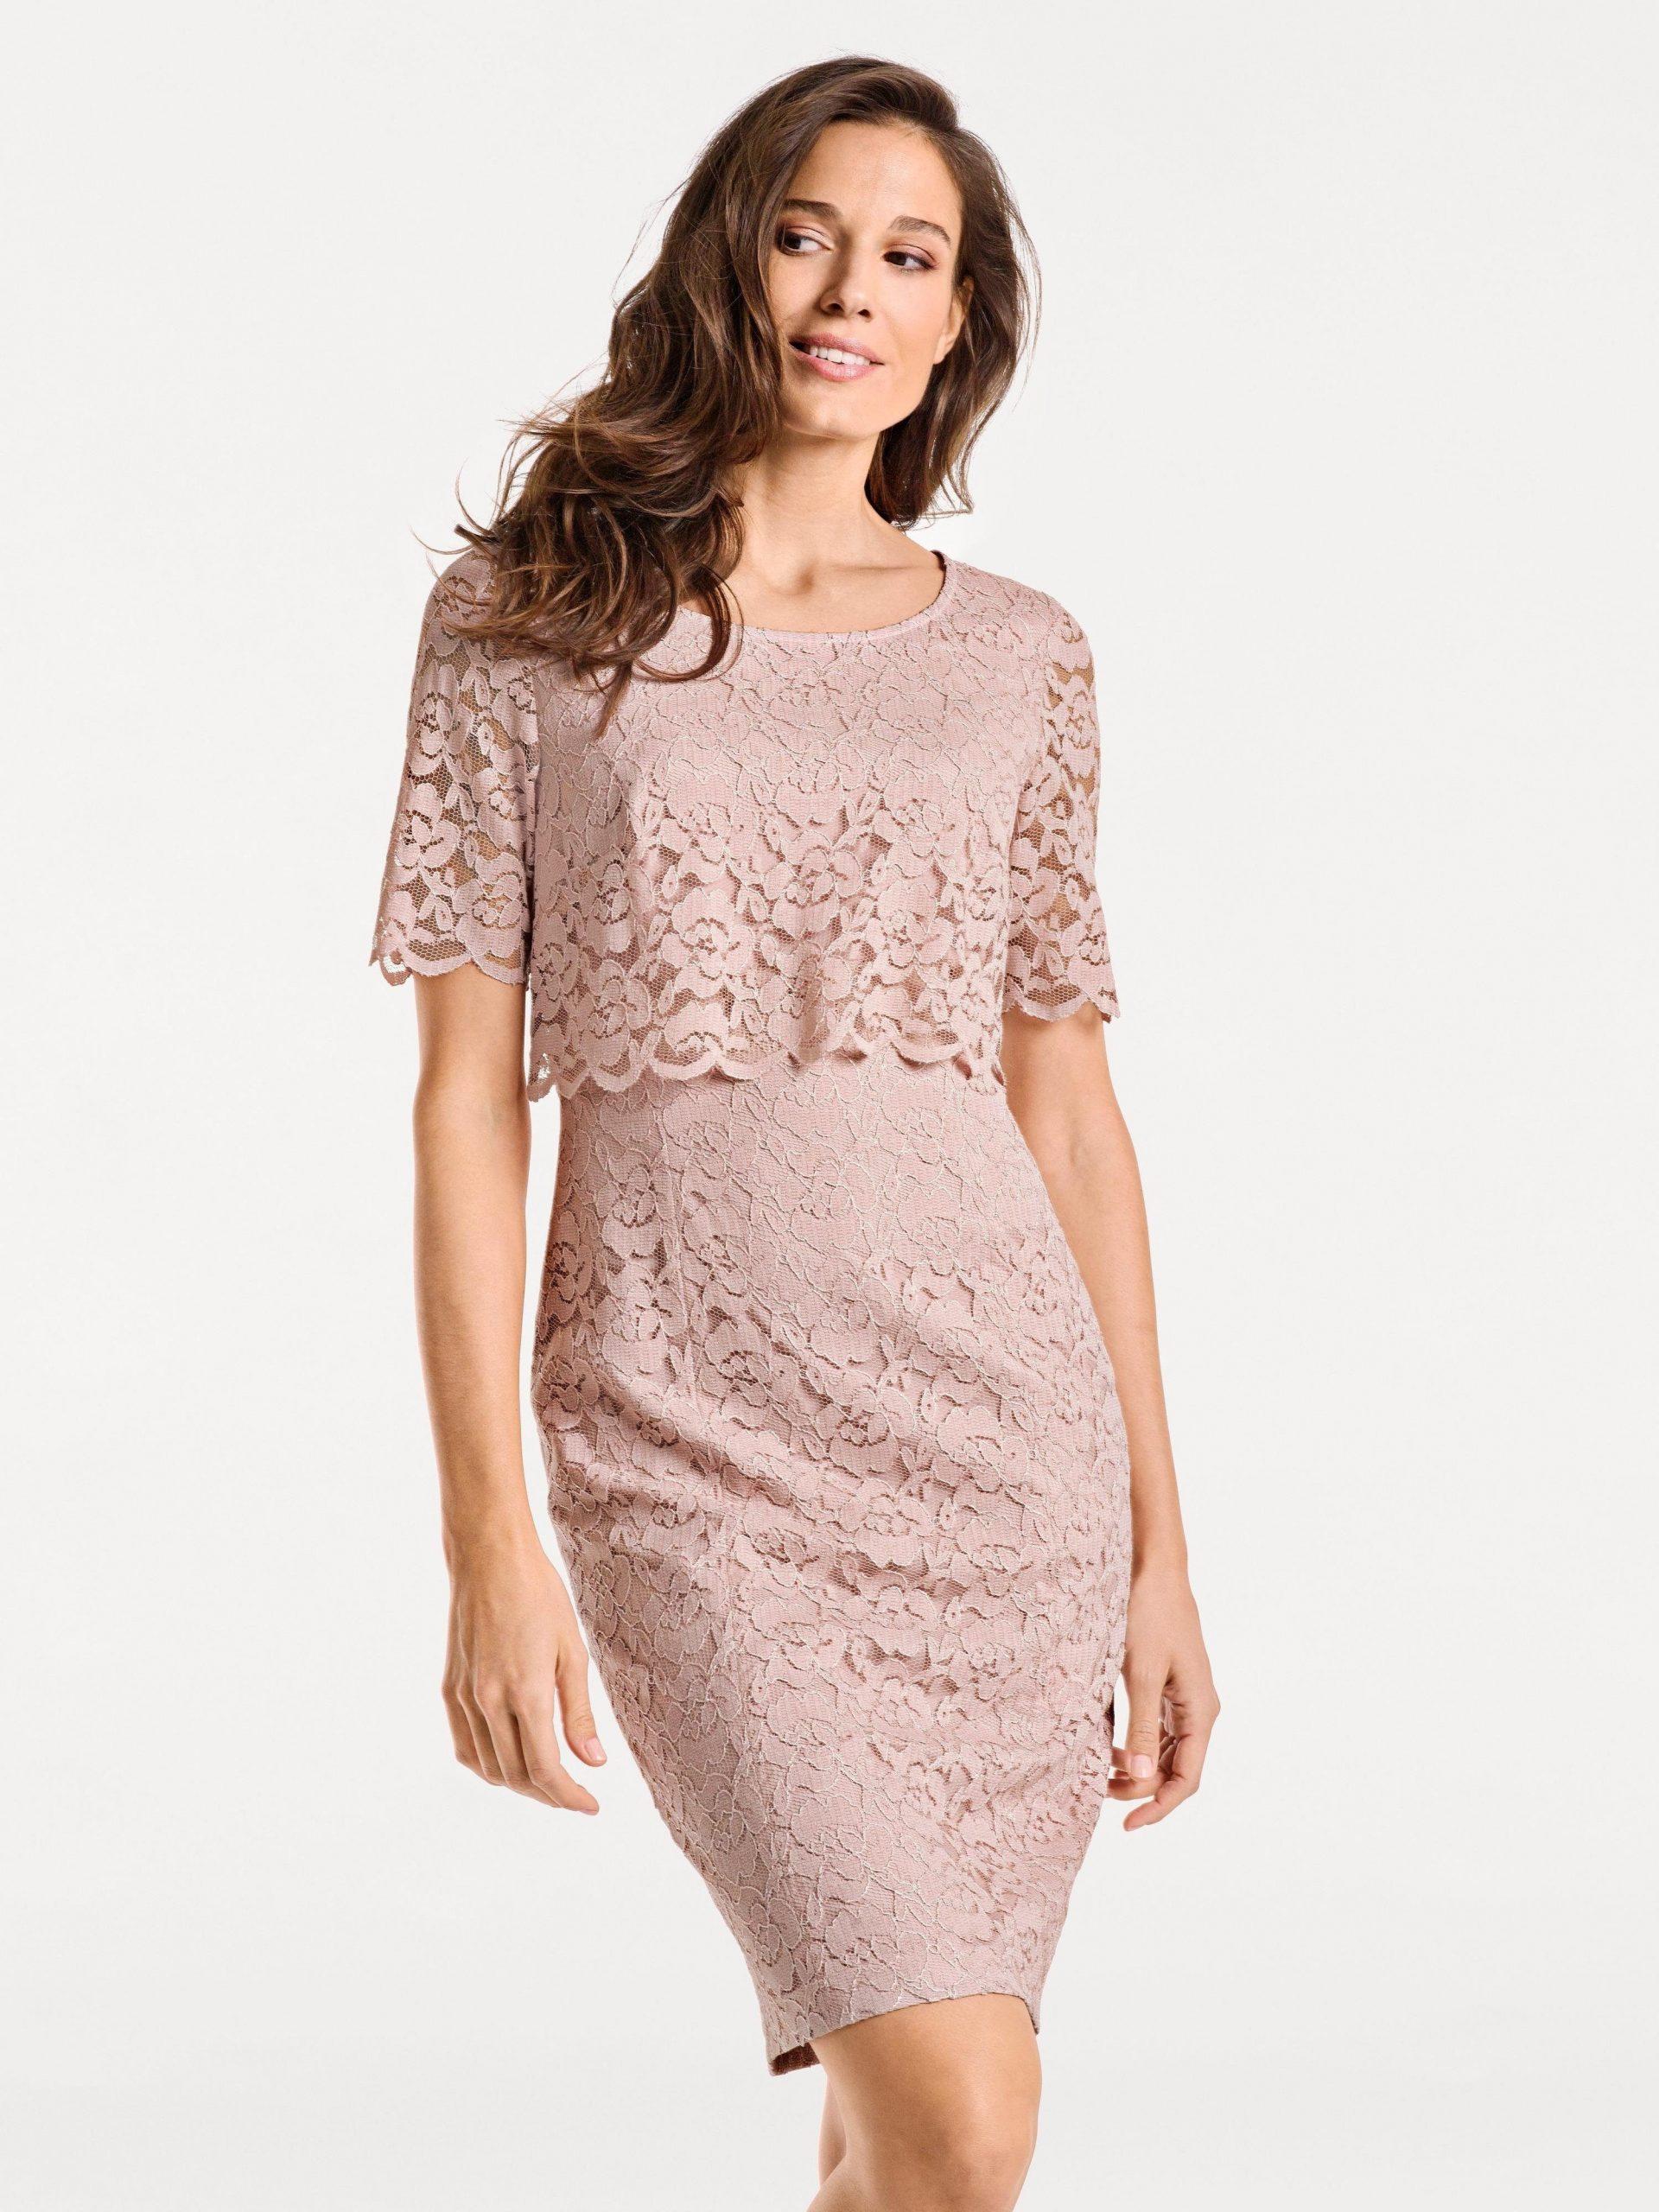 17 Großartig Klassische Kleider Stylish  Abendkleid